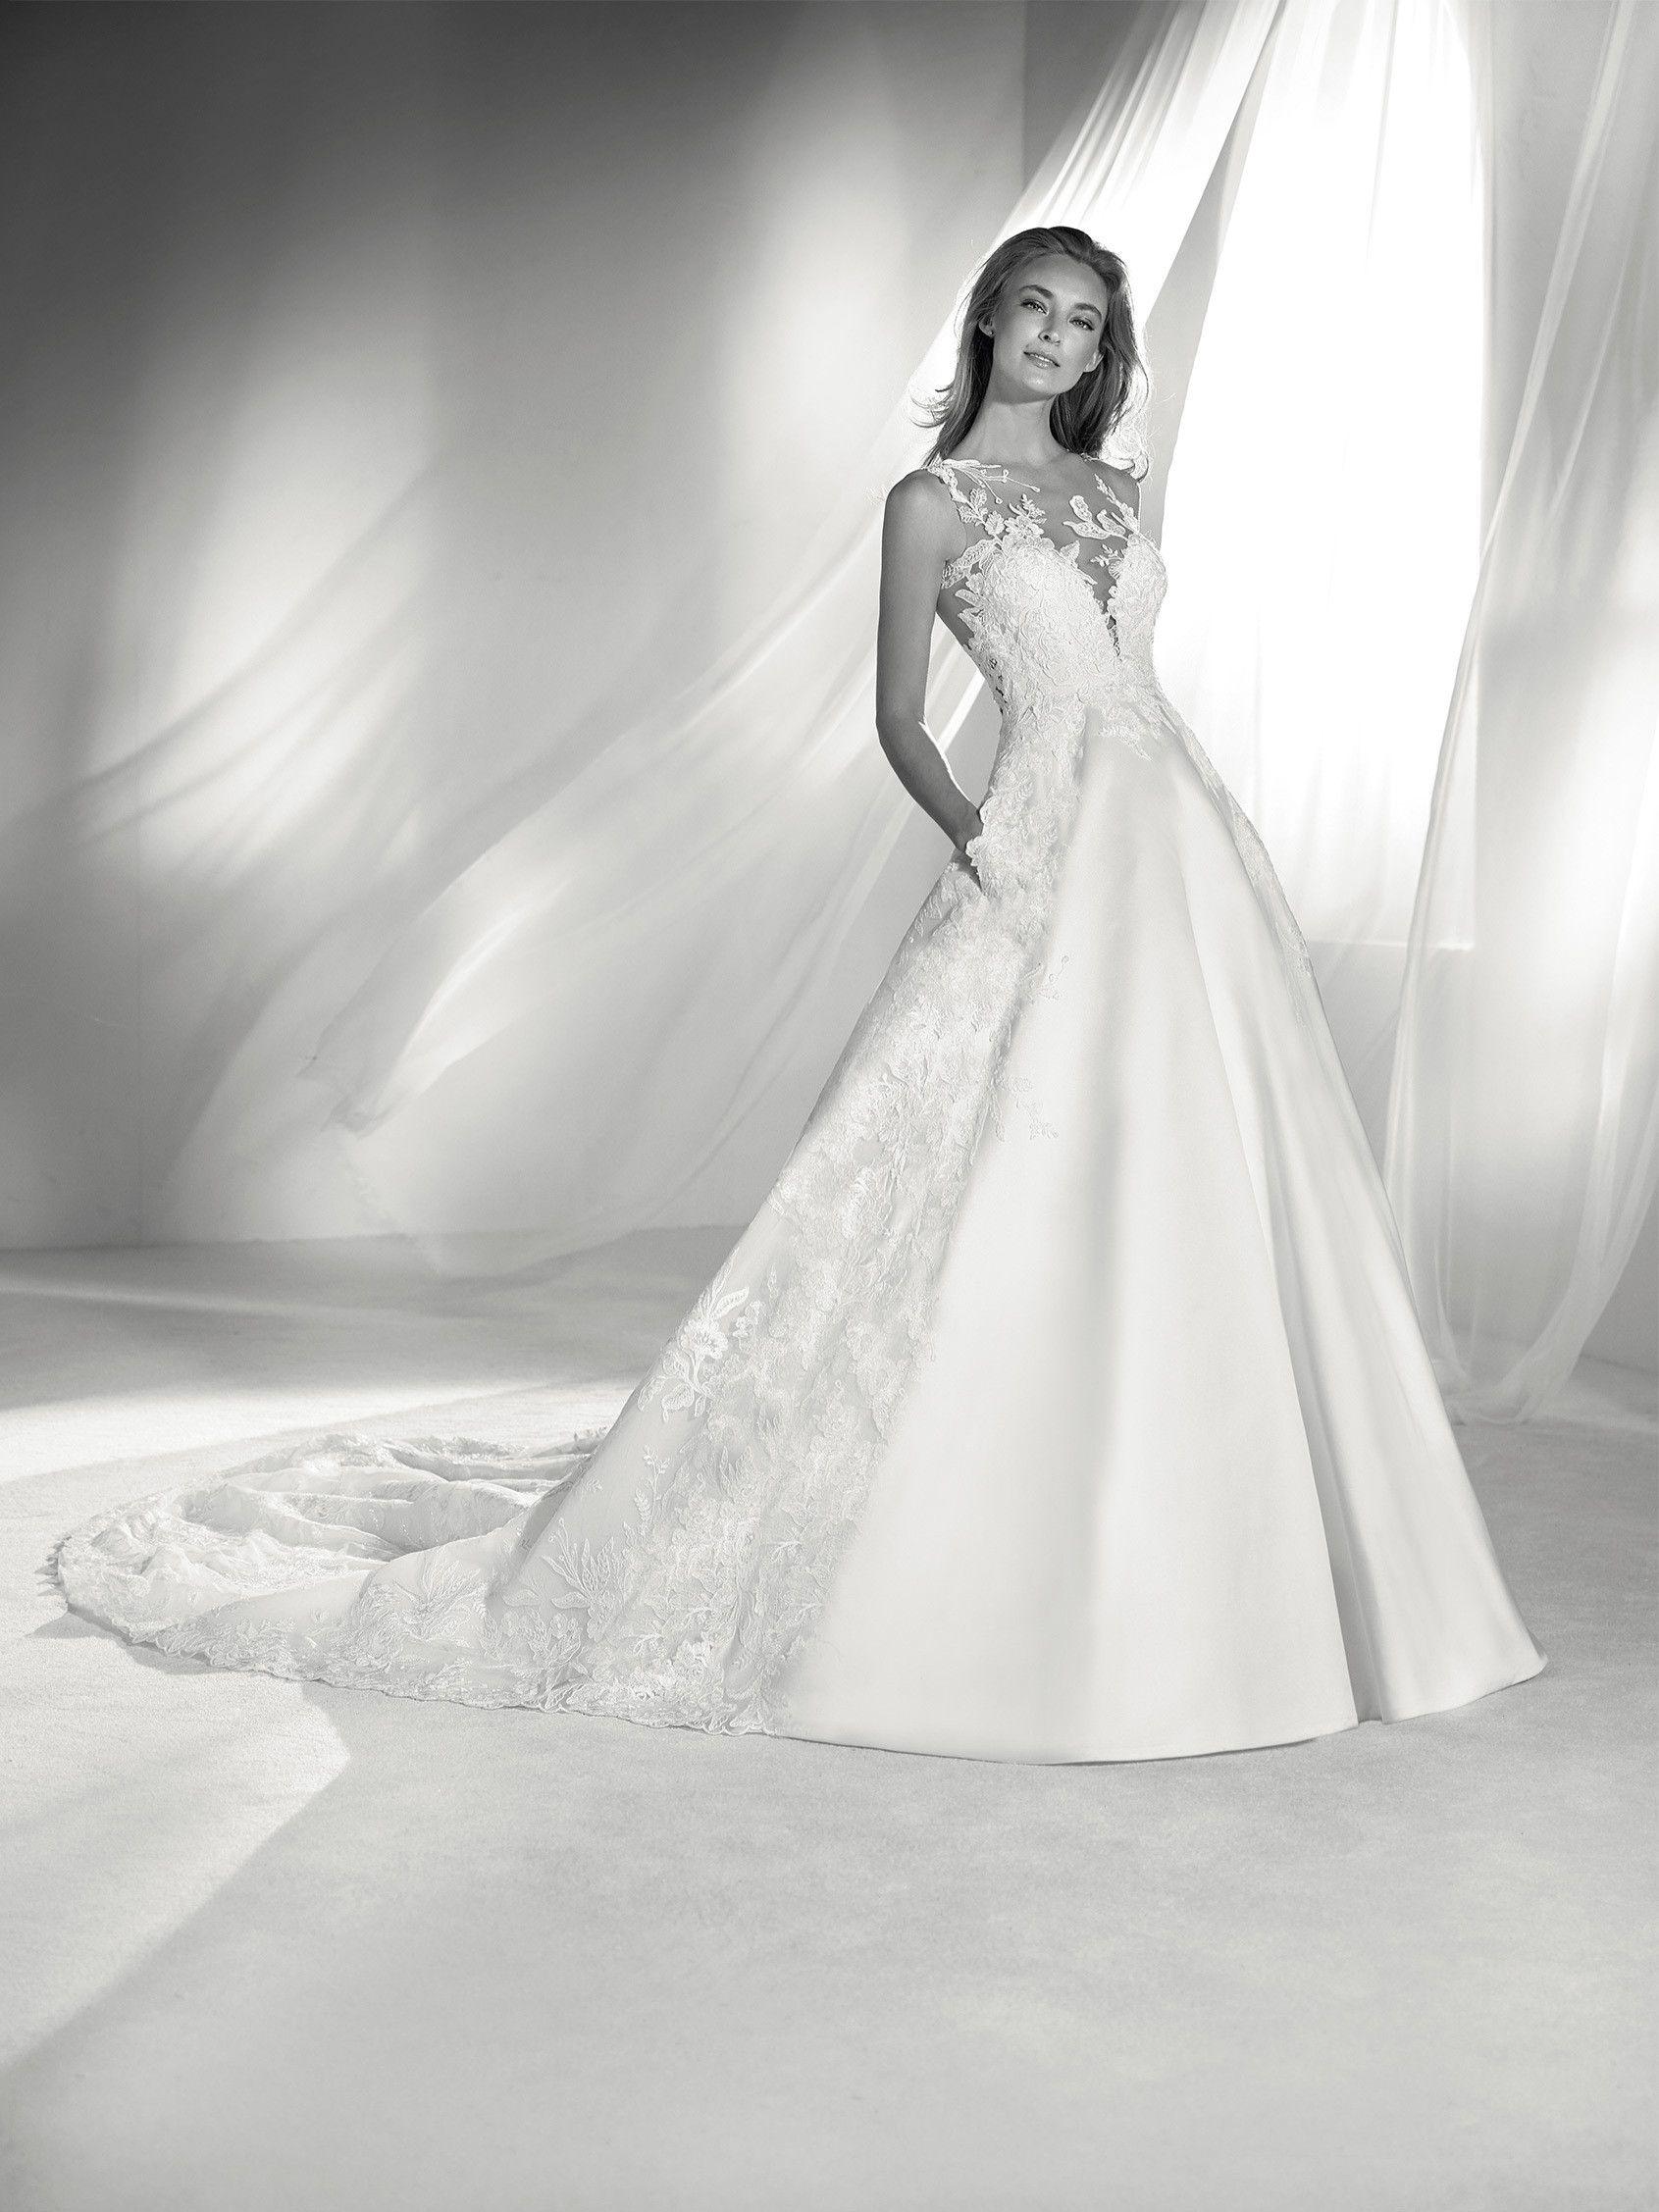 Klassisches und sexy Brautkleid | Just Married | Pinterest ...